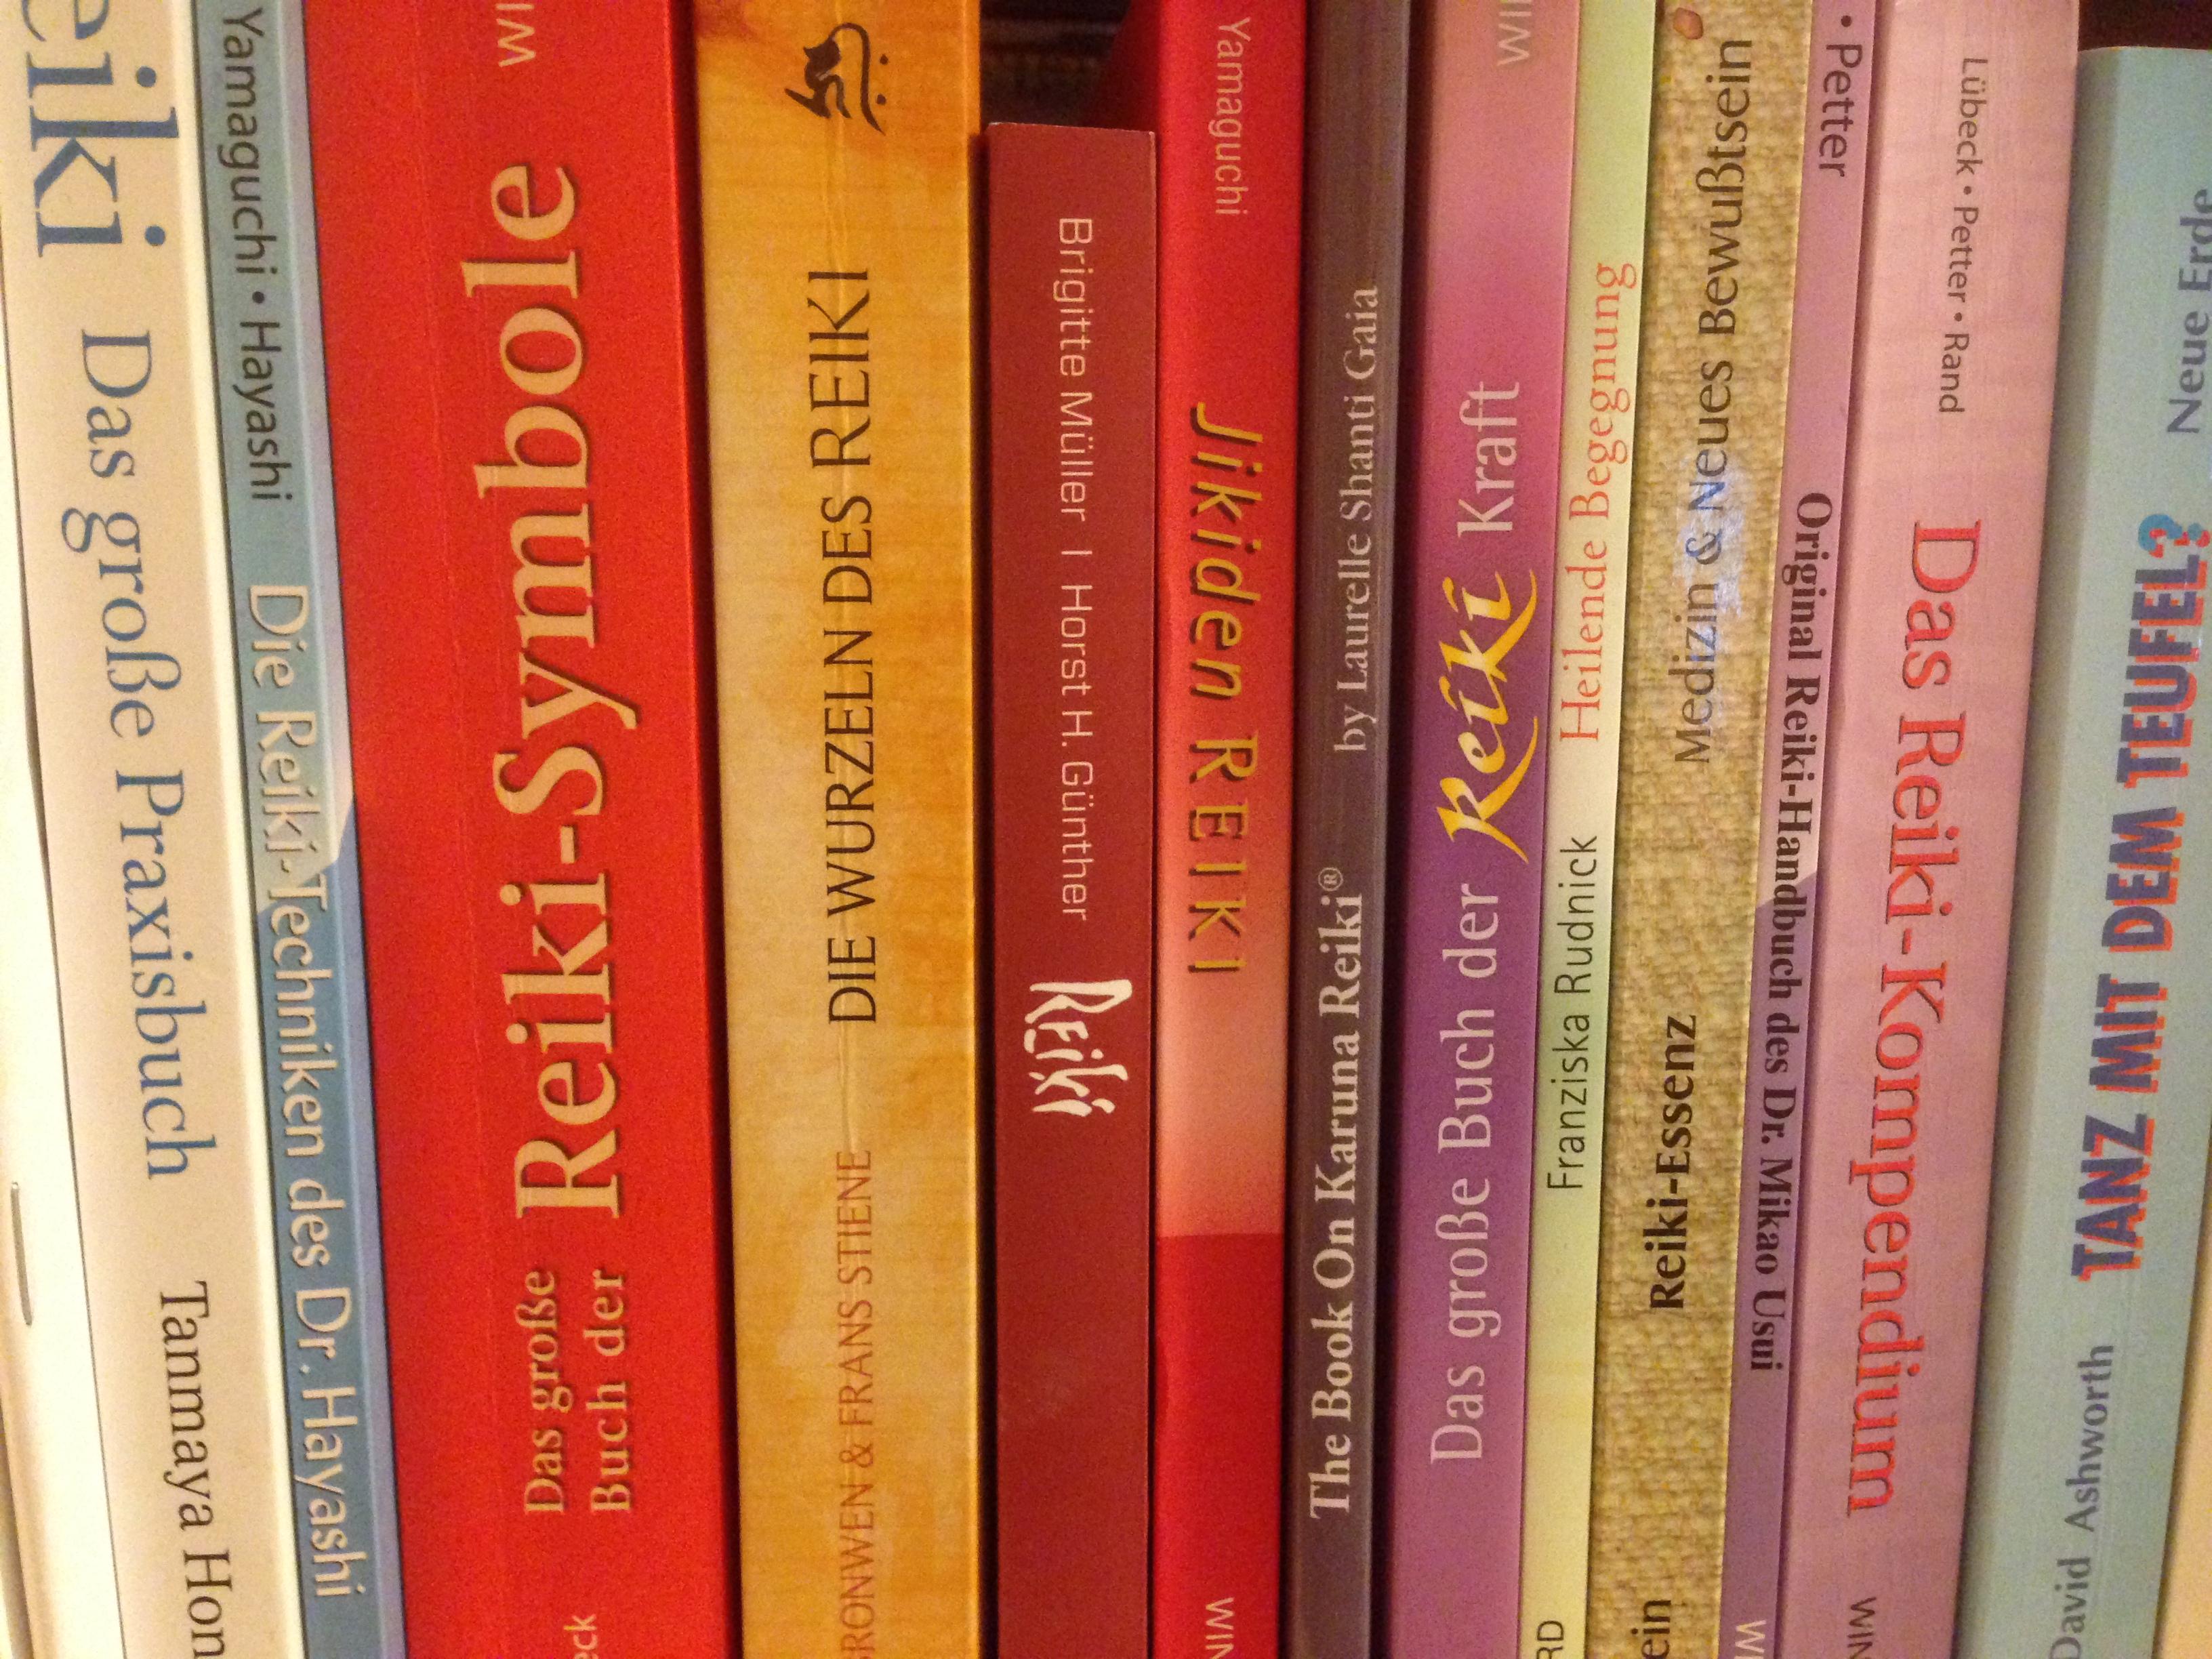 Reiki Buchrezensionen online lesen